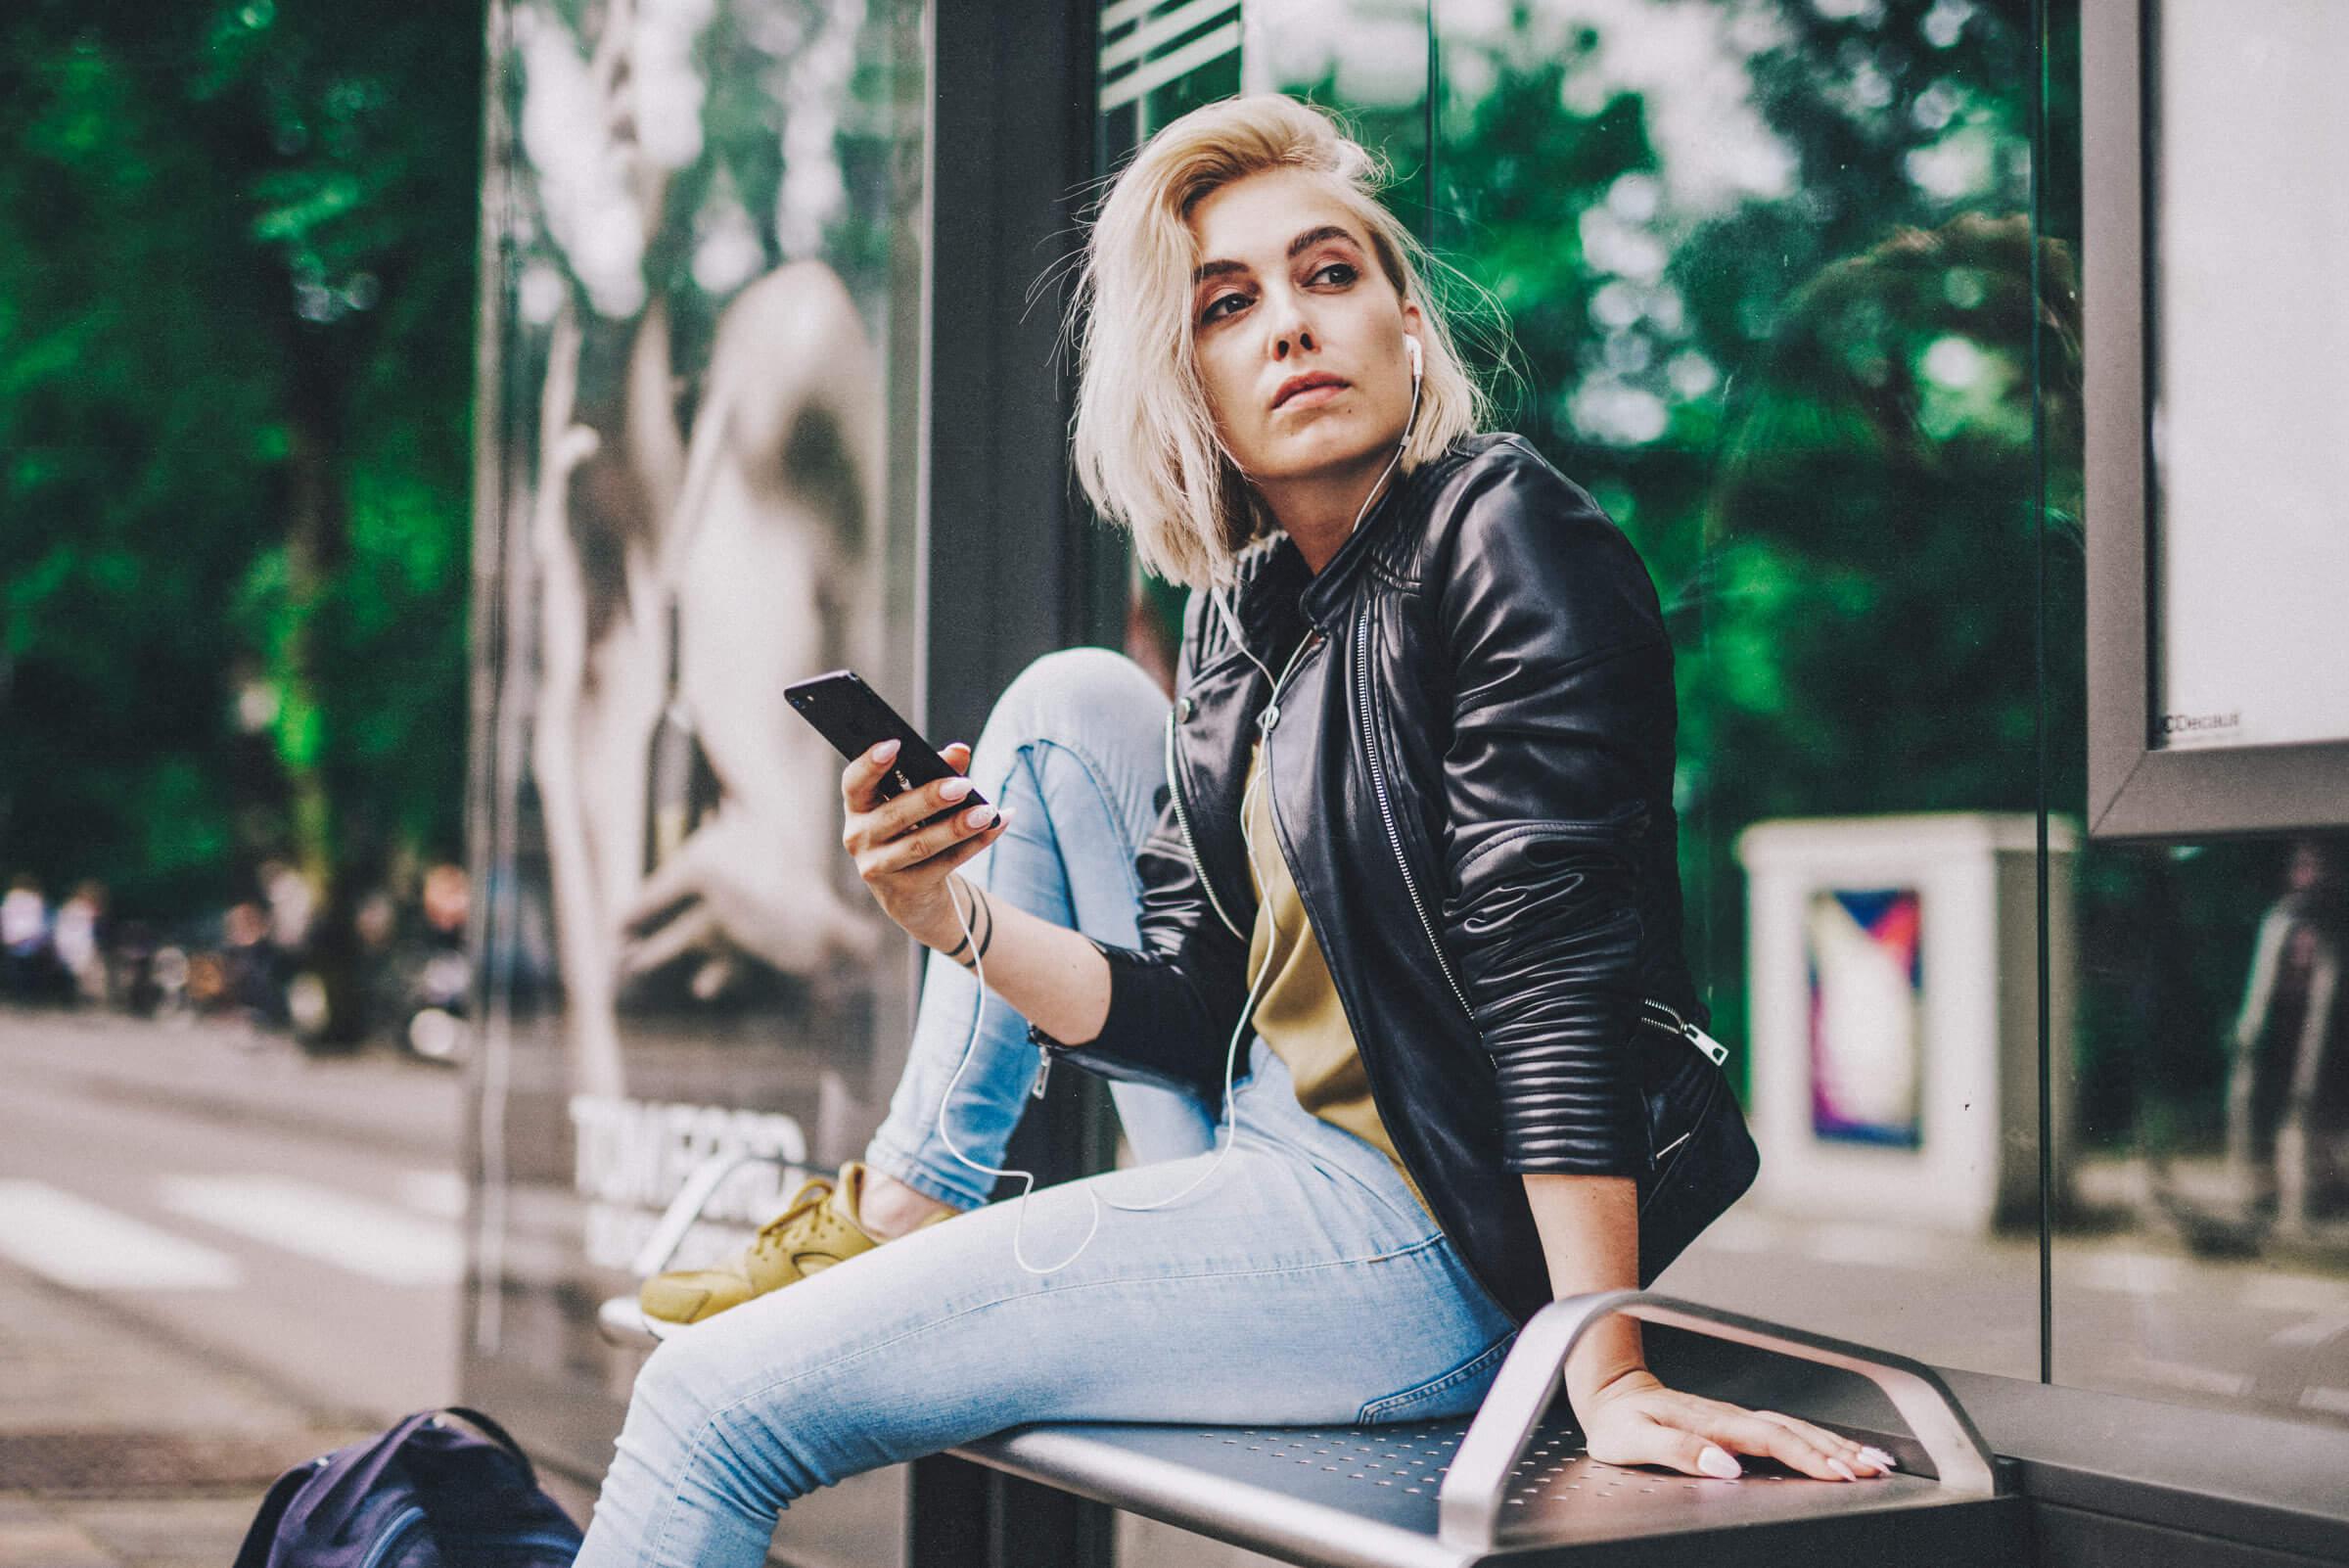 Mädchen sitzt an einer Bushaltestelle